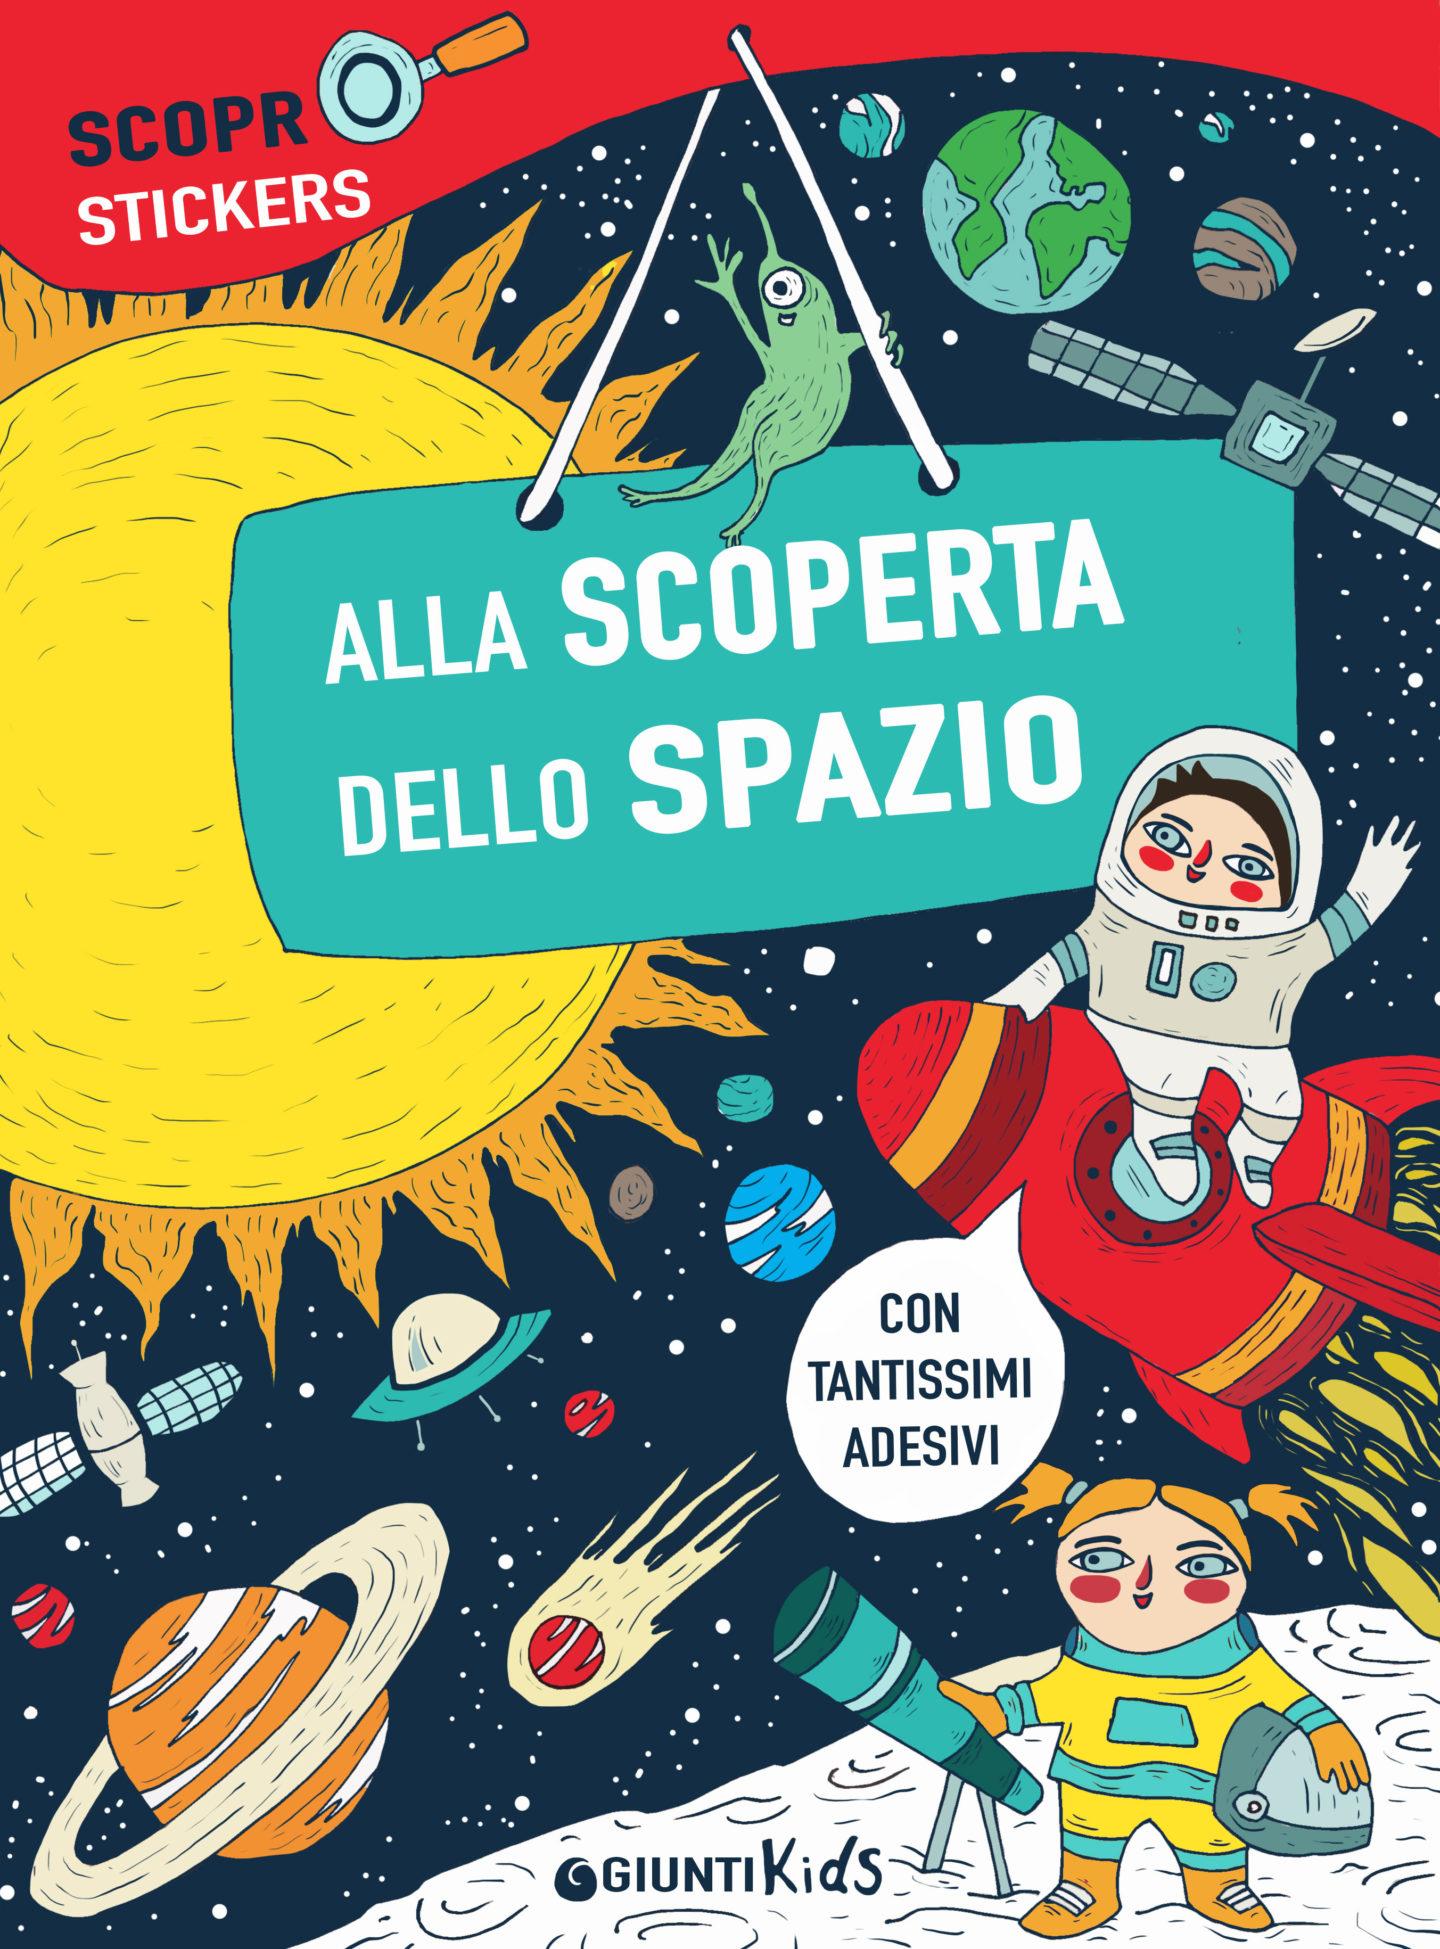 Francesco_Grazia